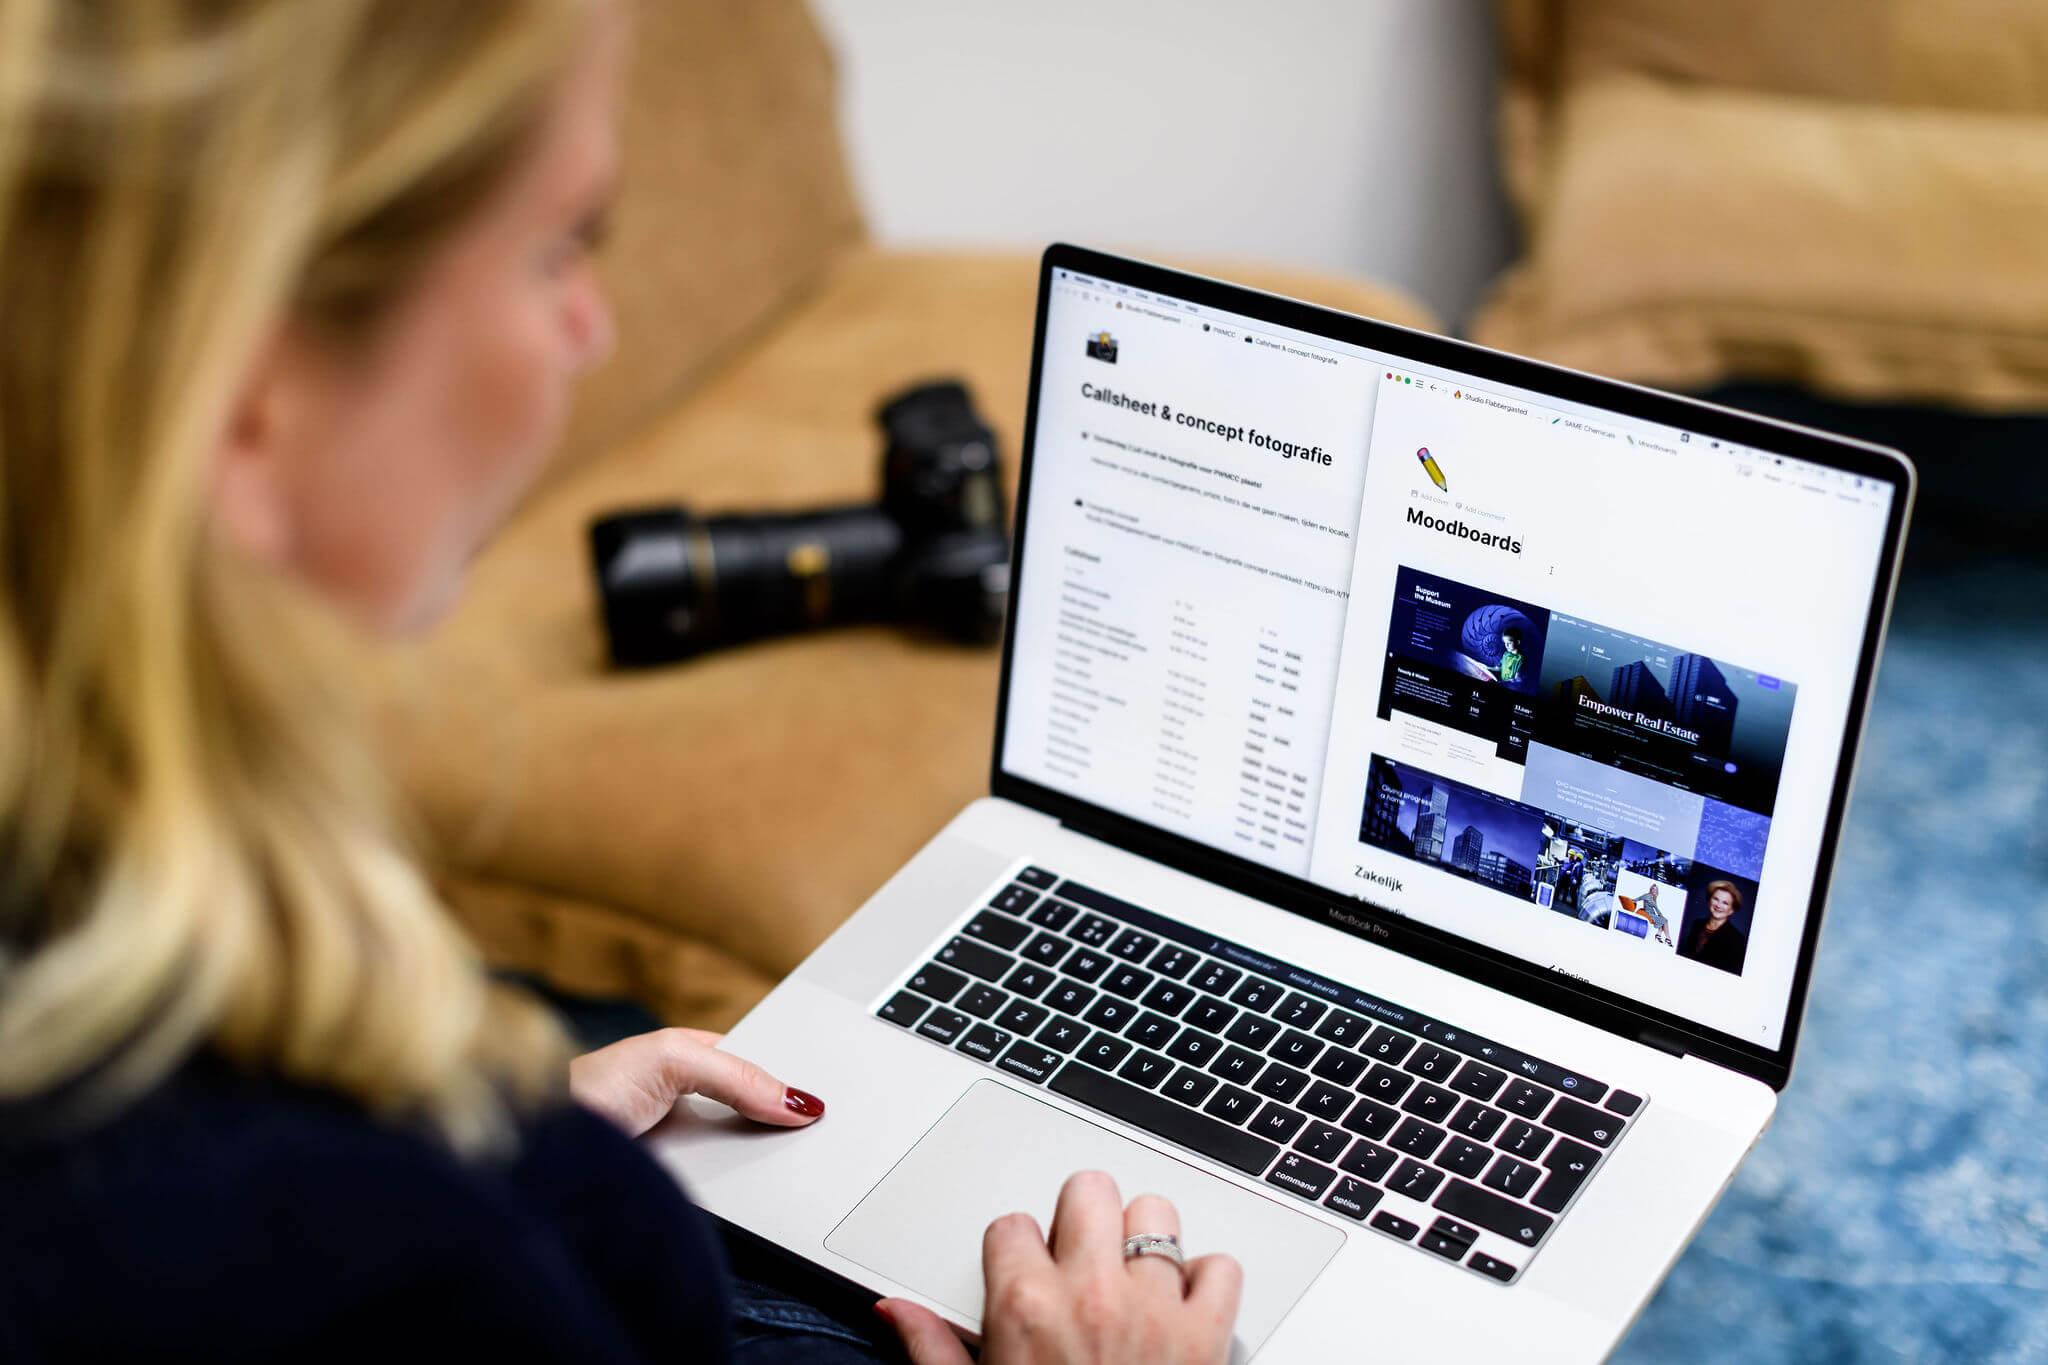 Fotograaf maak moodboard voor productfotografie